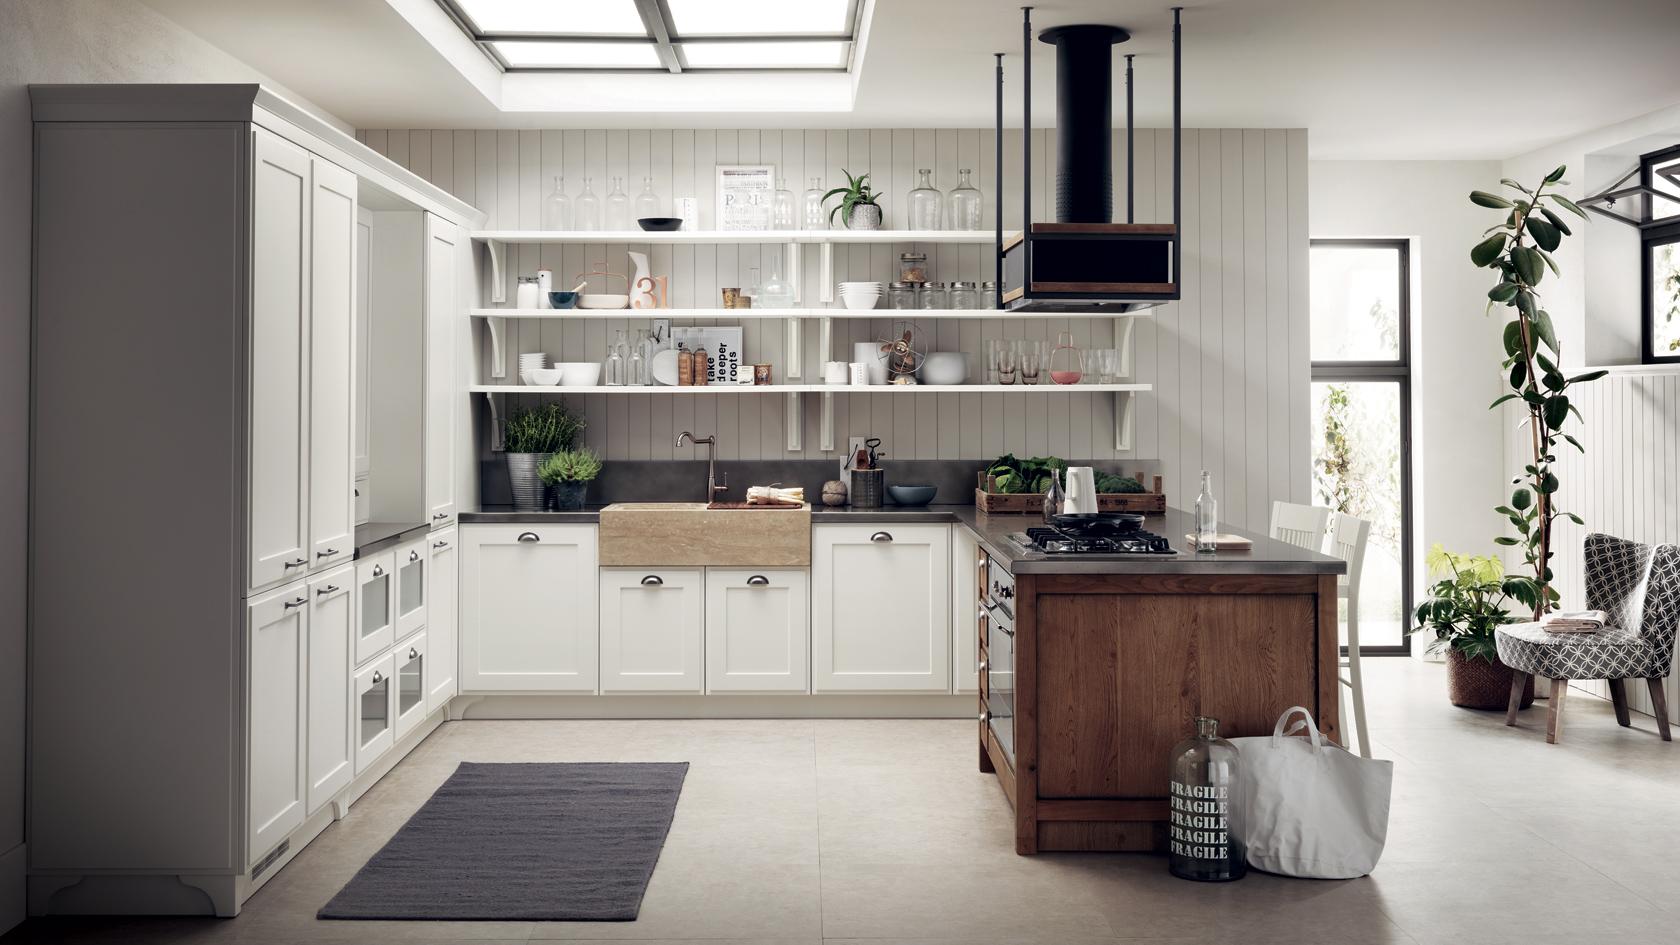 Scavolini favilla centro mobili andreozzi - Immagini per cucina ...